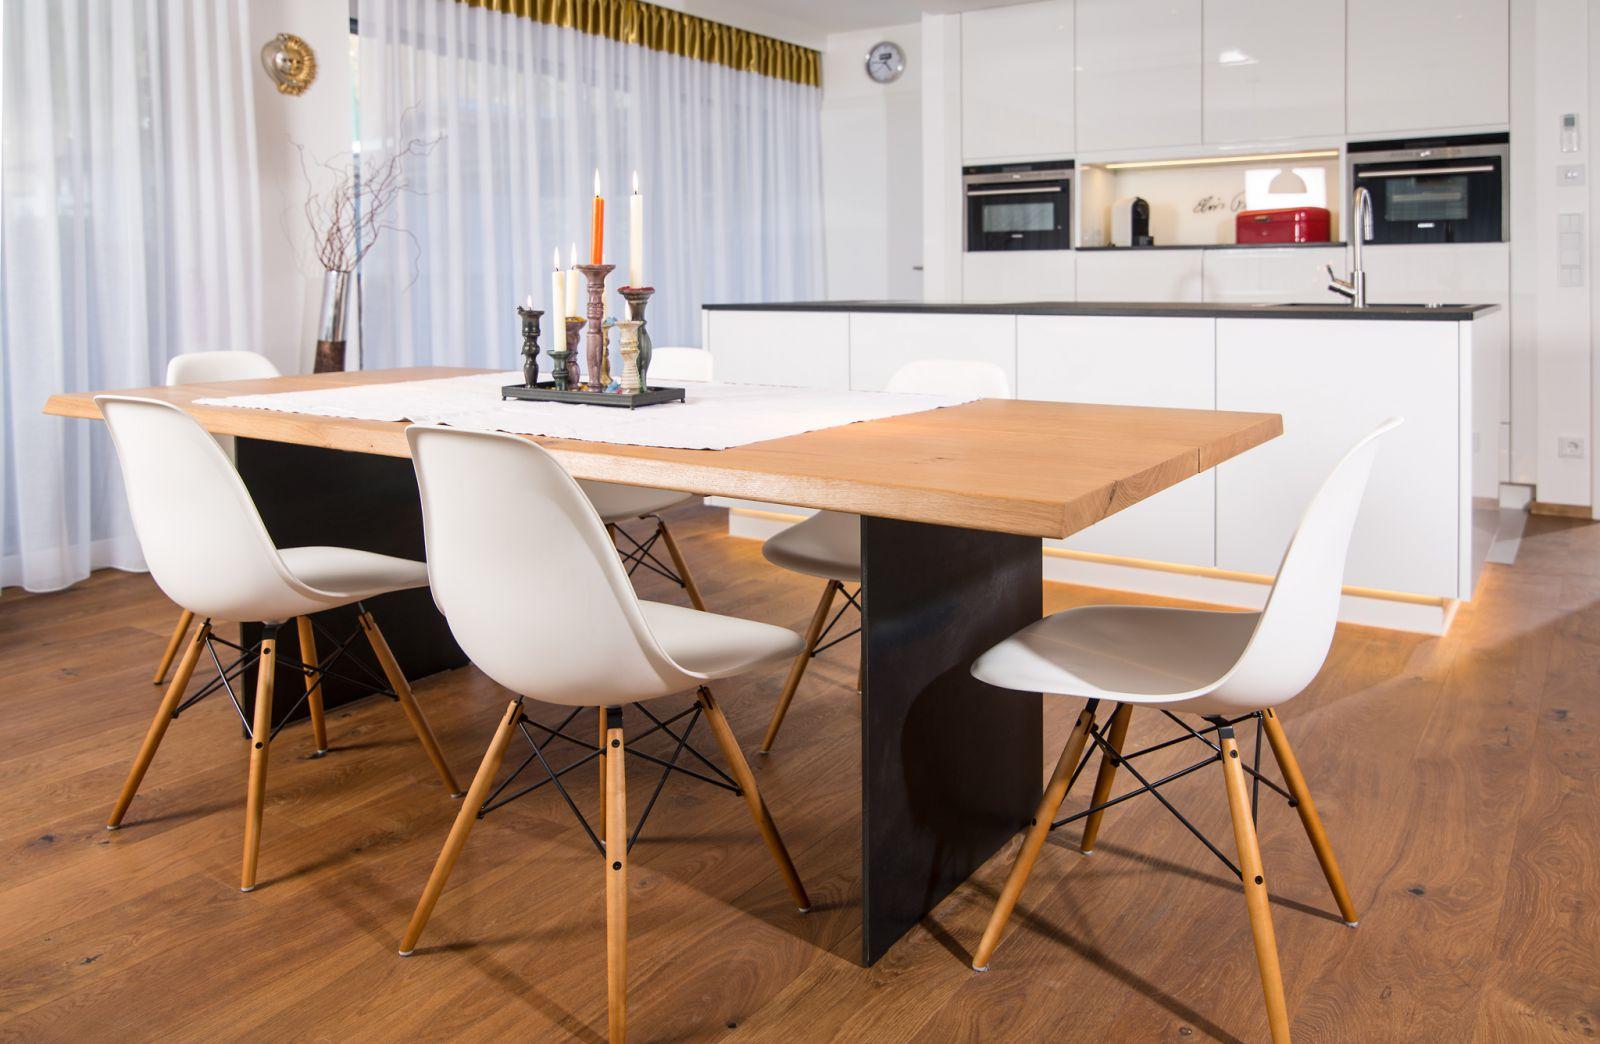 skandinavischer landhausstil im schlafzimmer. Black Bedroom Furniture Sets. Home Design Ideas